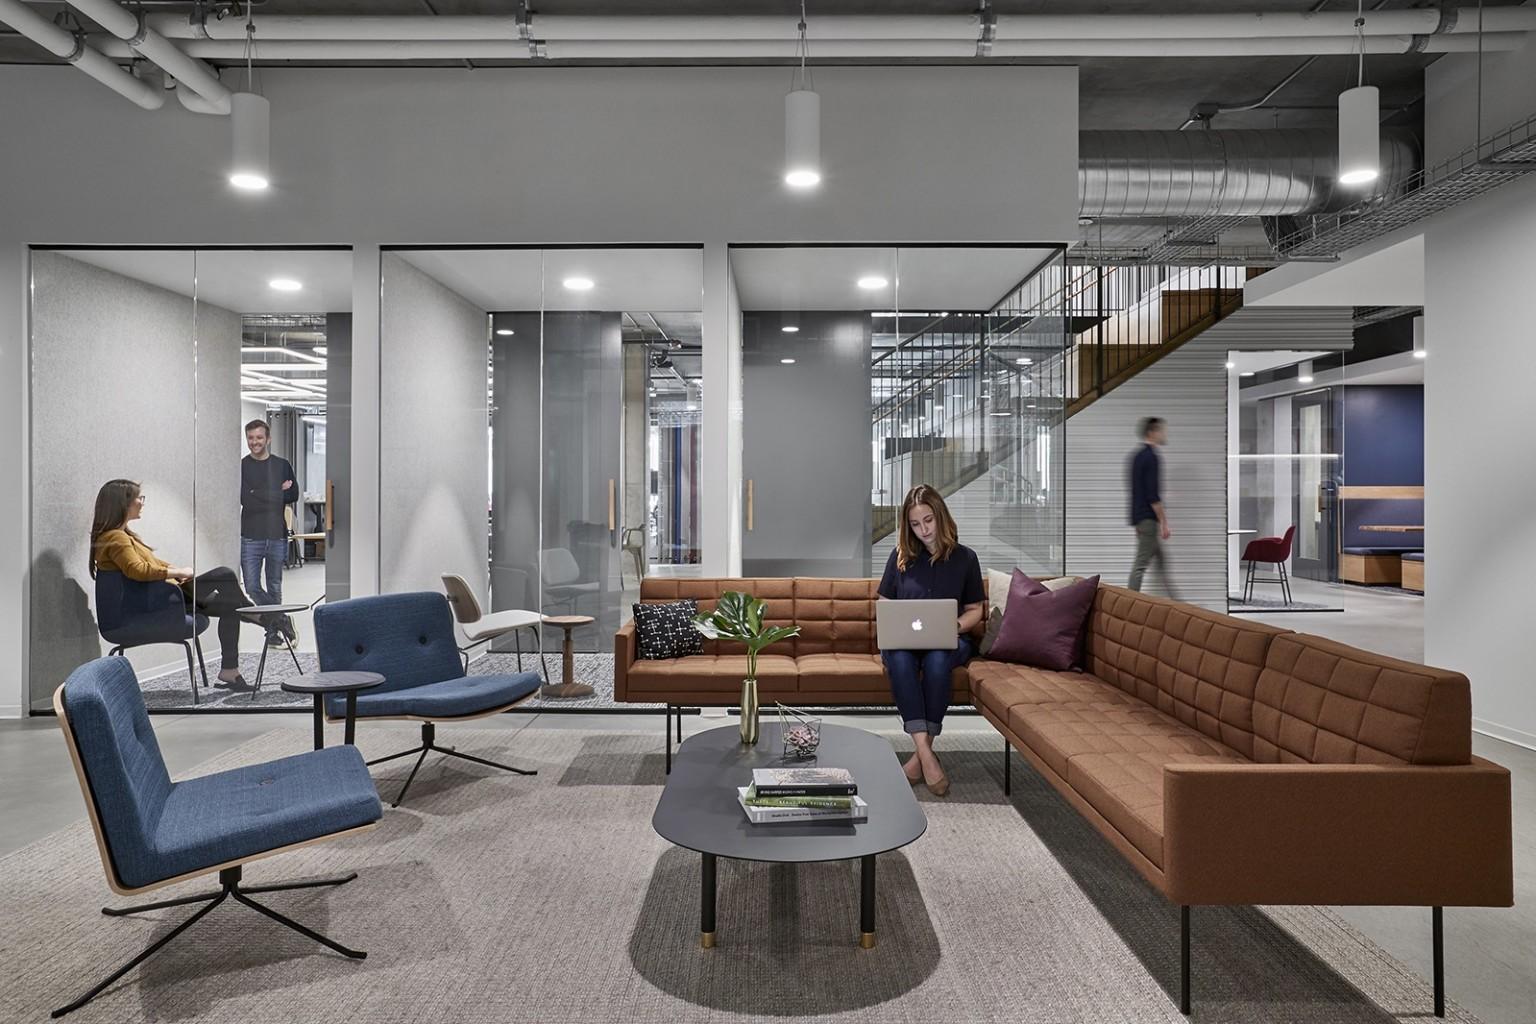 技术公司商业办公空间设计